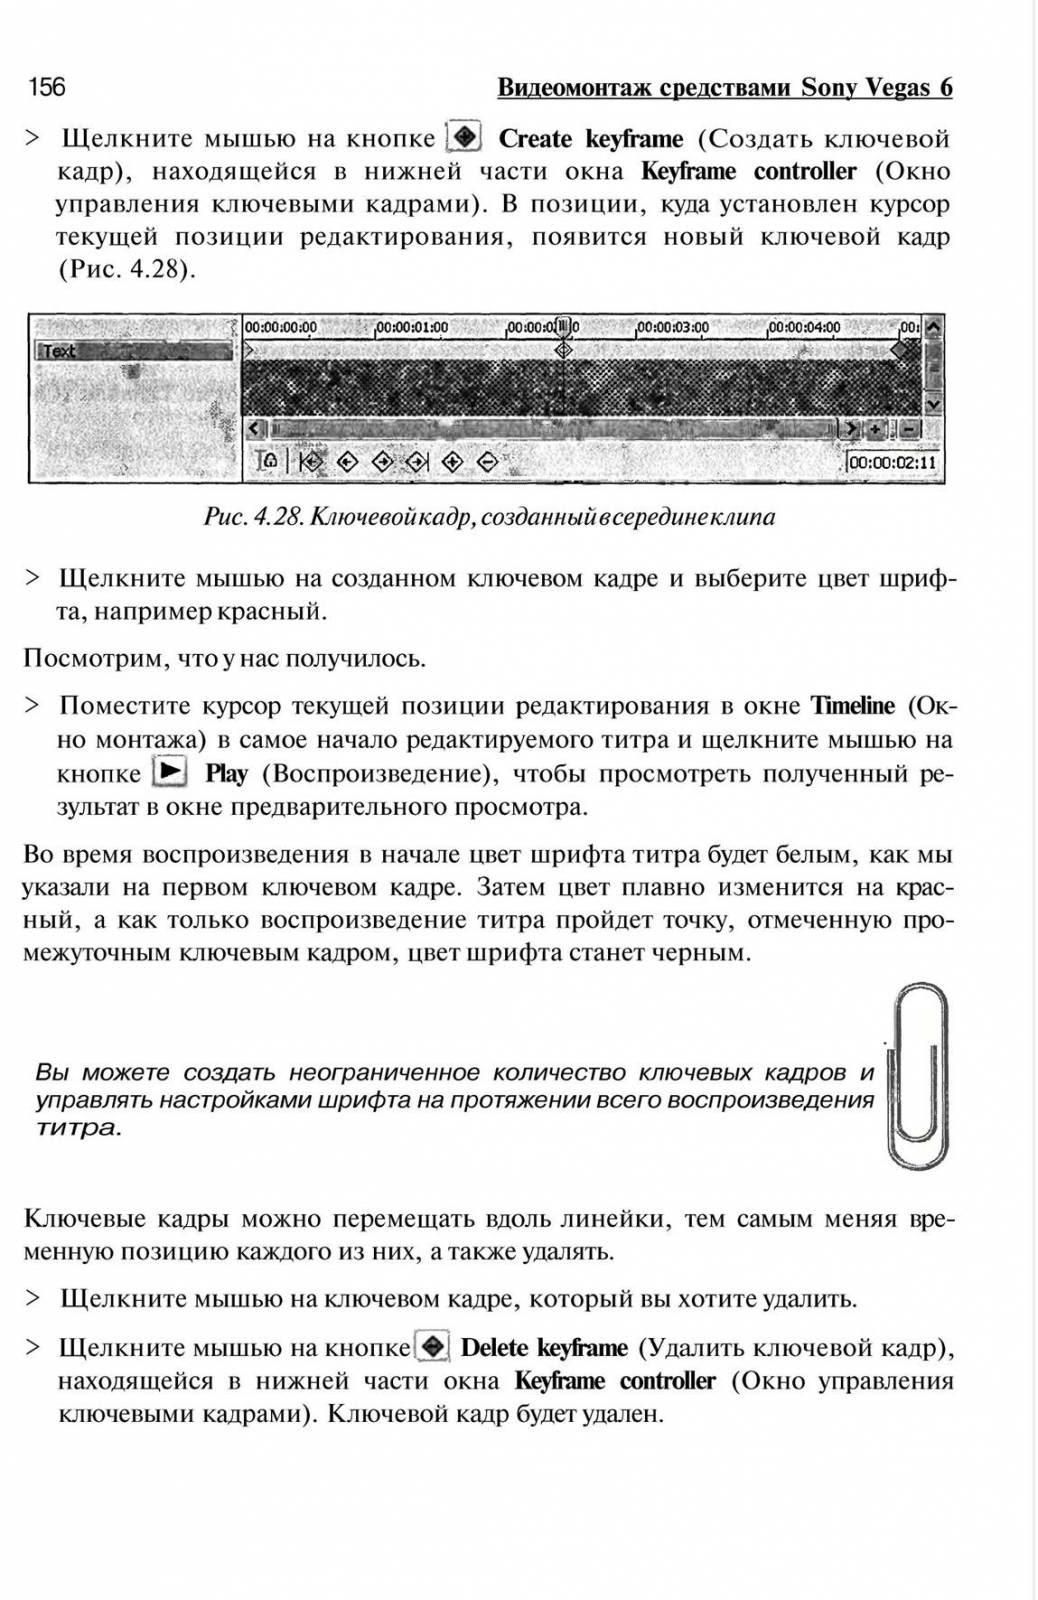 http://redaktori-uroki.3dn.ru/_ph/6/466591747.jpg